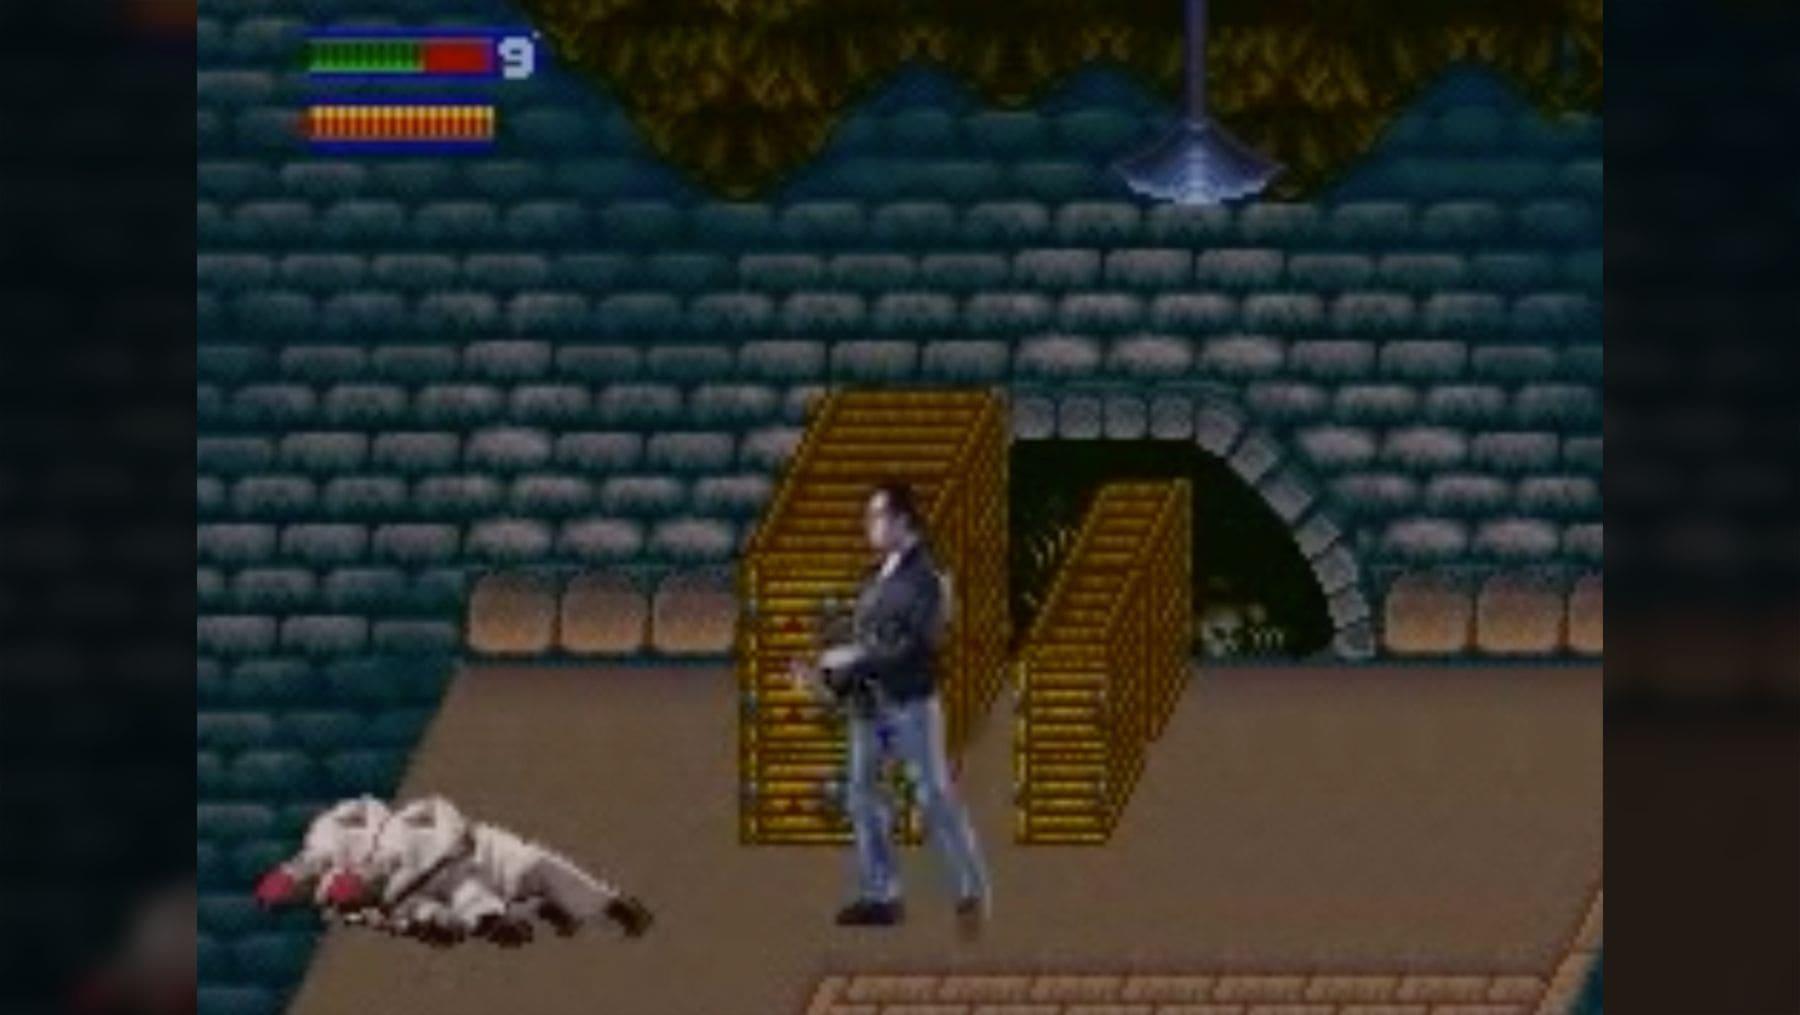 Es gab ein Steven Seagal-Spiel, dass nie veröffentlich wurde   Games   Was is hier eigentlich los?